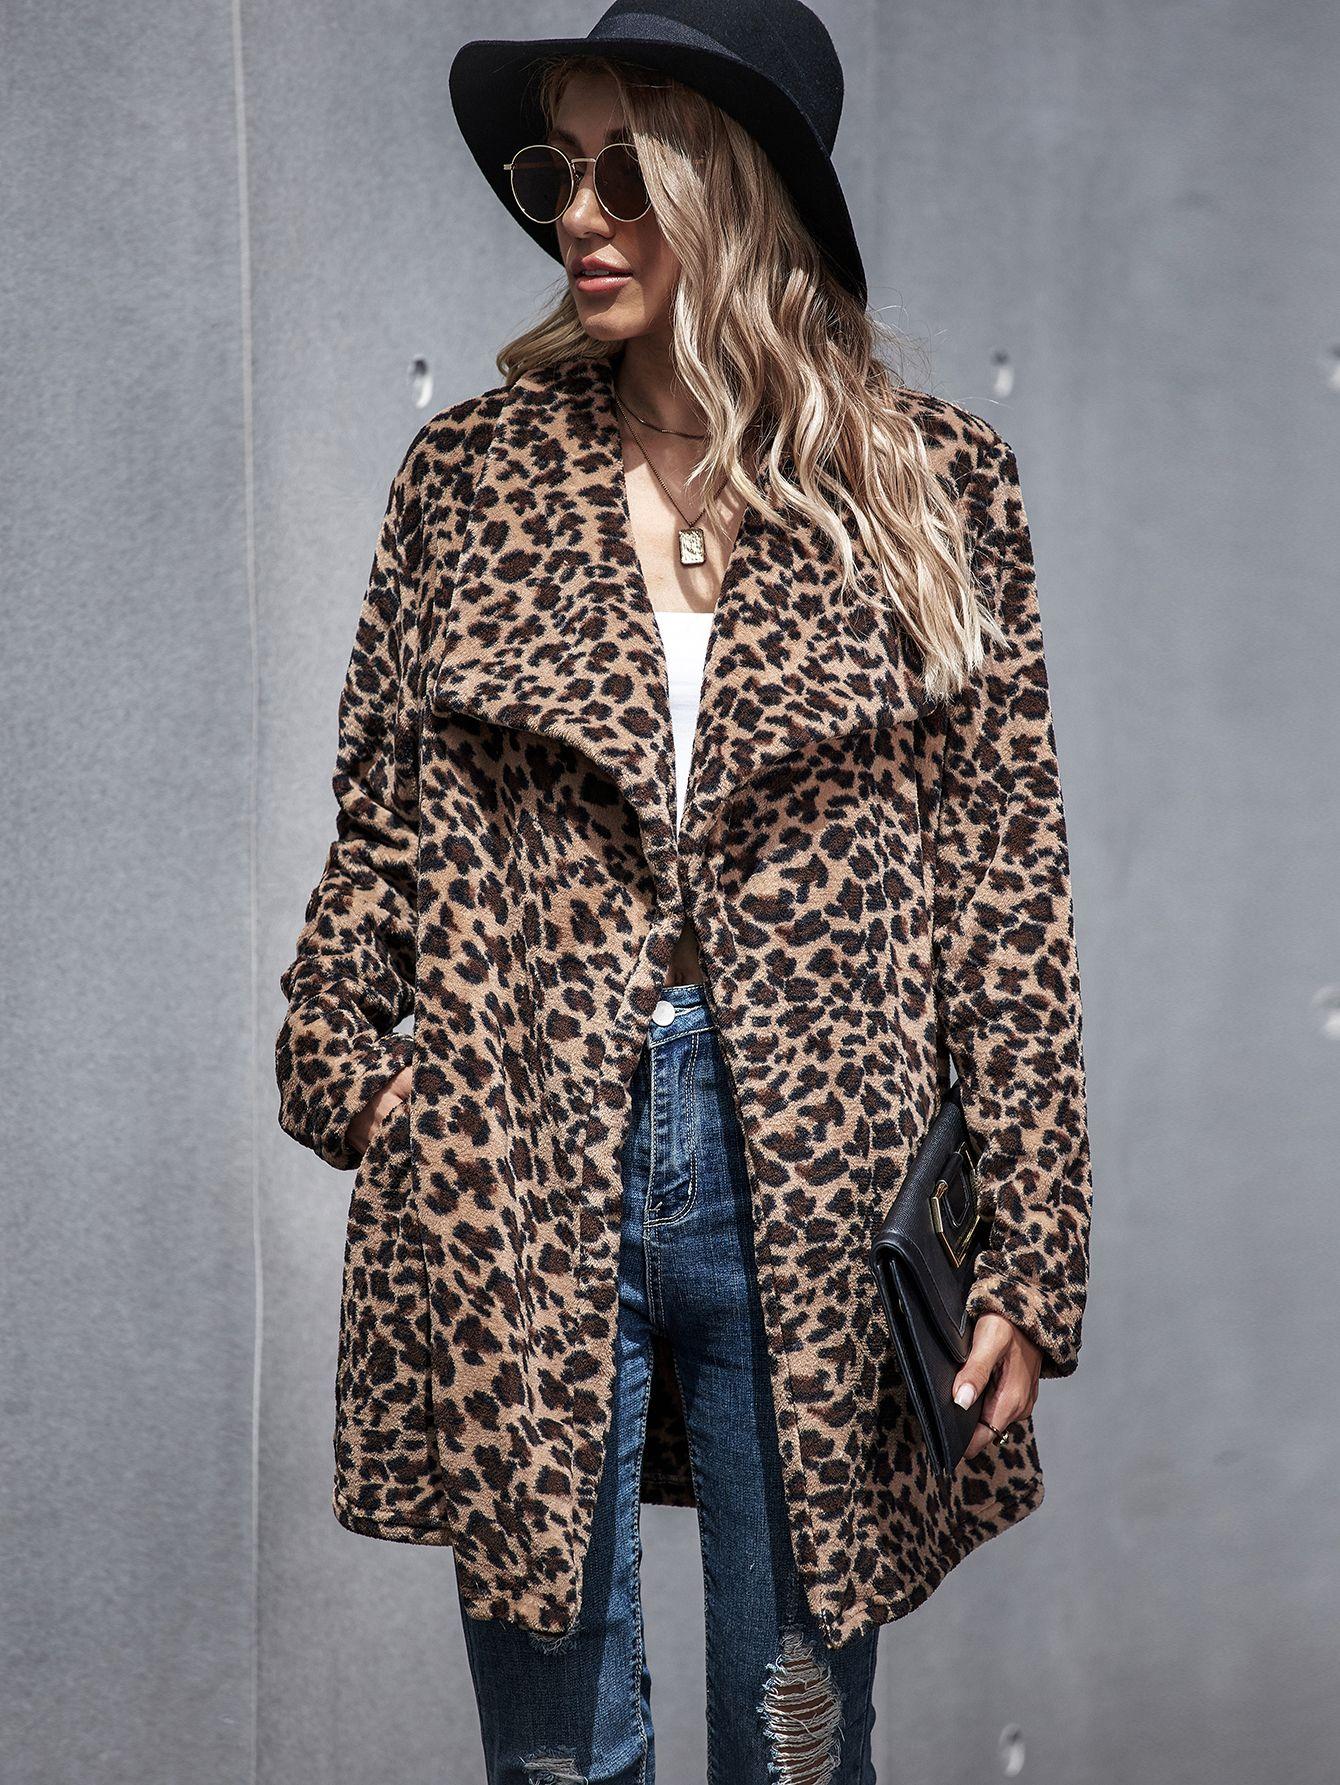 النساء في فصل الشتاء ليوبارد القطيفة سترة معطف عارضة أزياء الخريف طويل نمط الجيب تيدي سميكة أبلى لأنثى CS2037